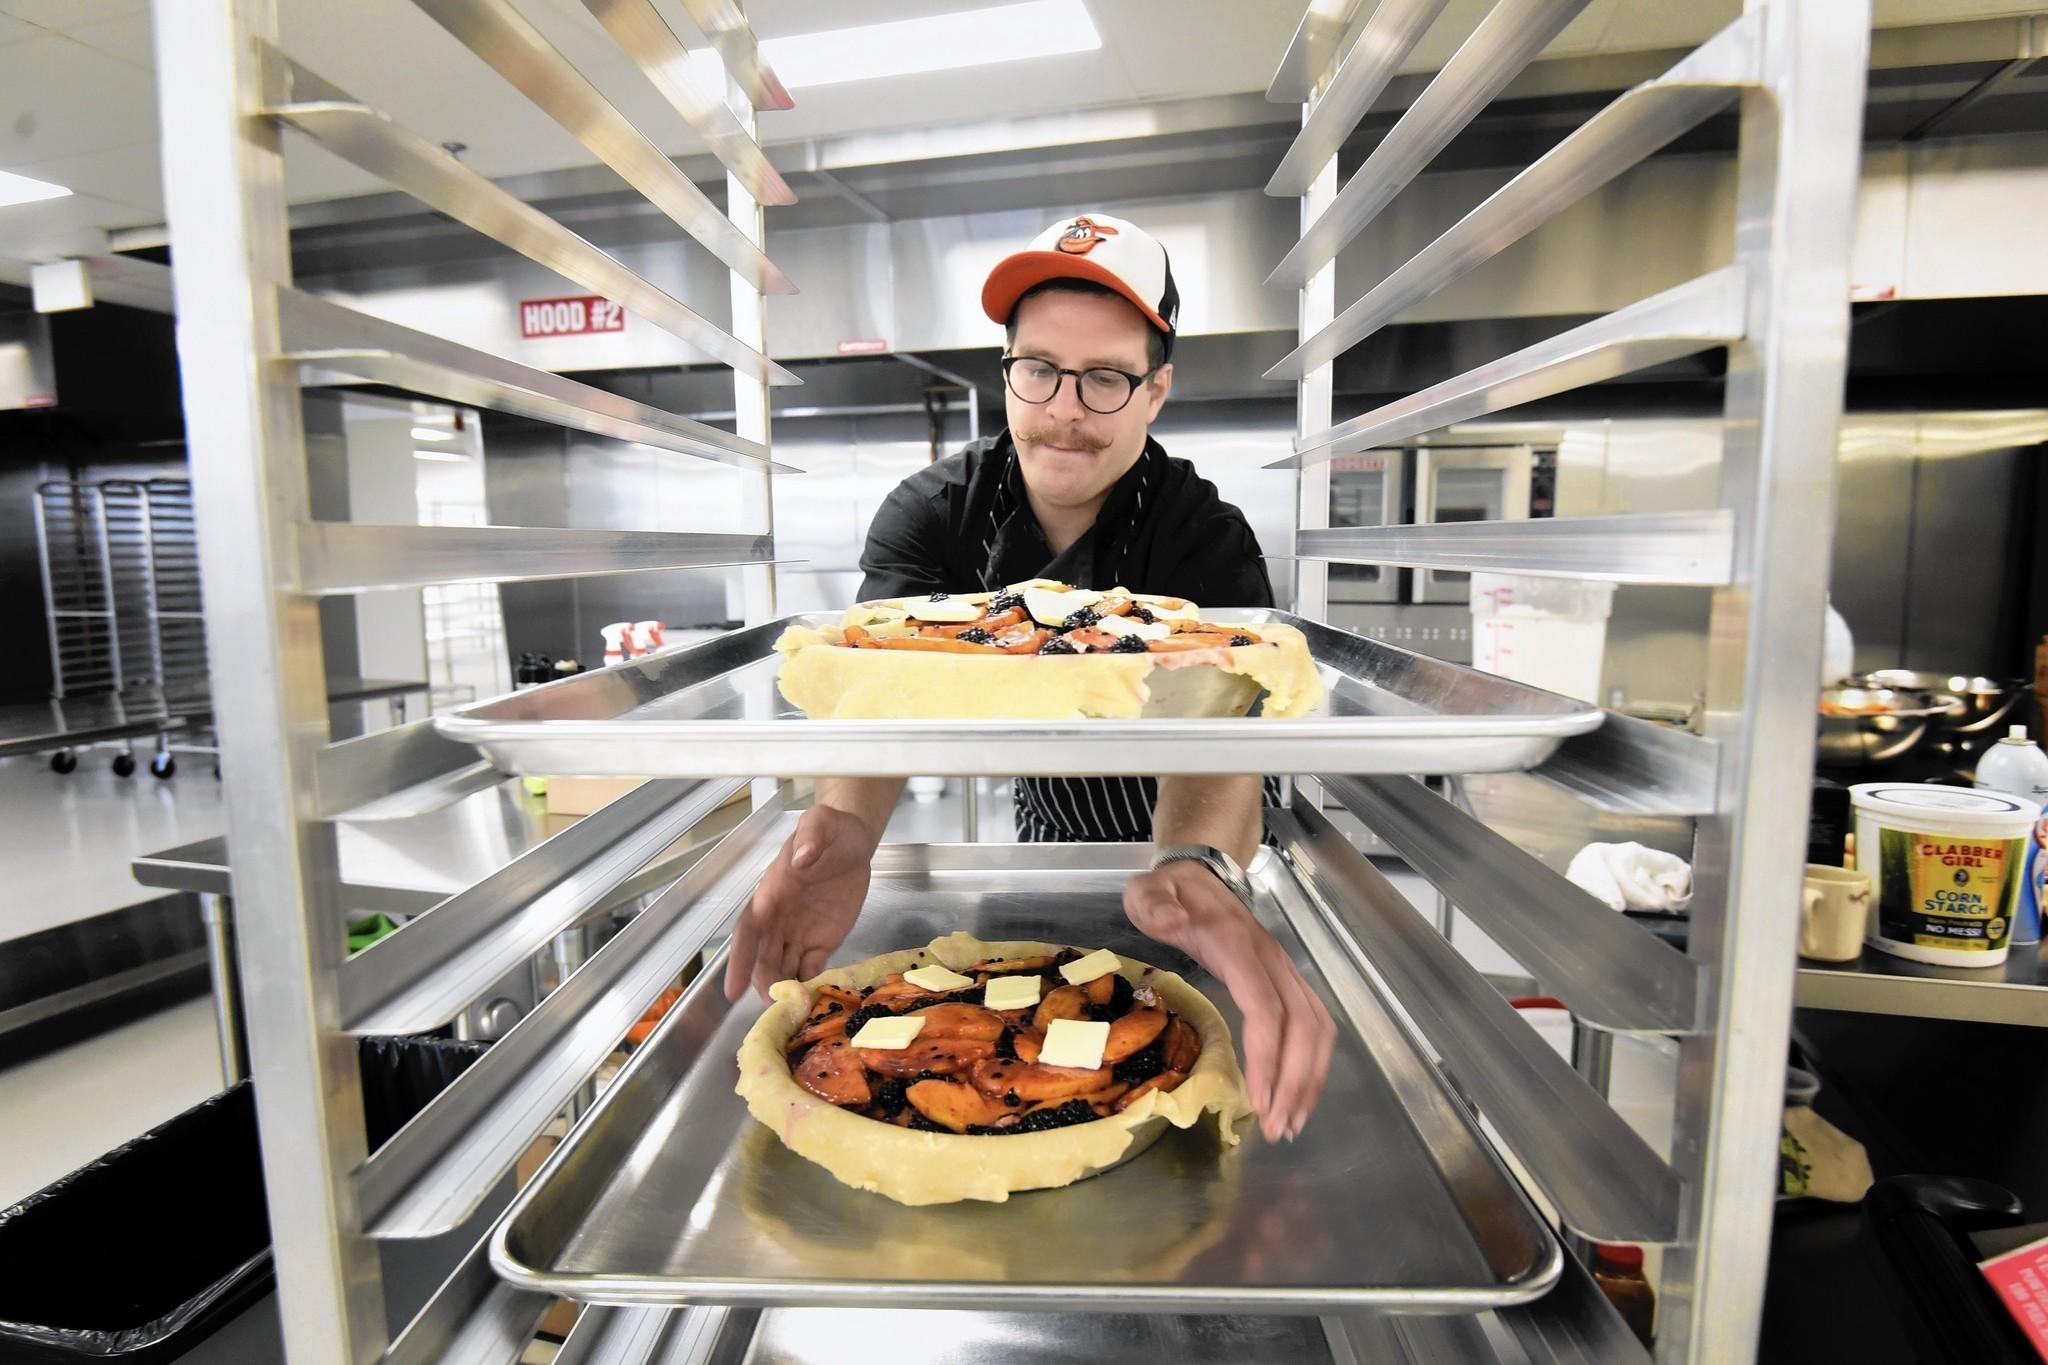 Food incubators take root in Baltimore - Baltimore Sun